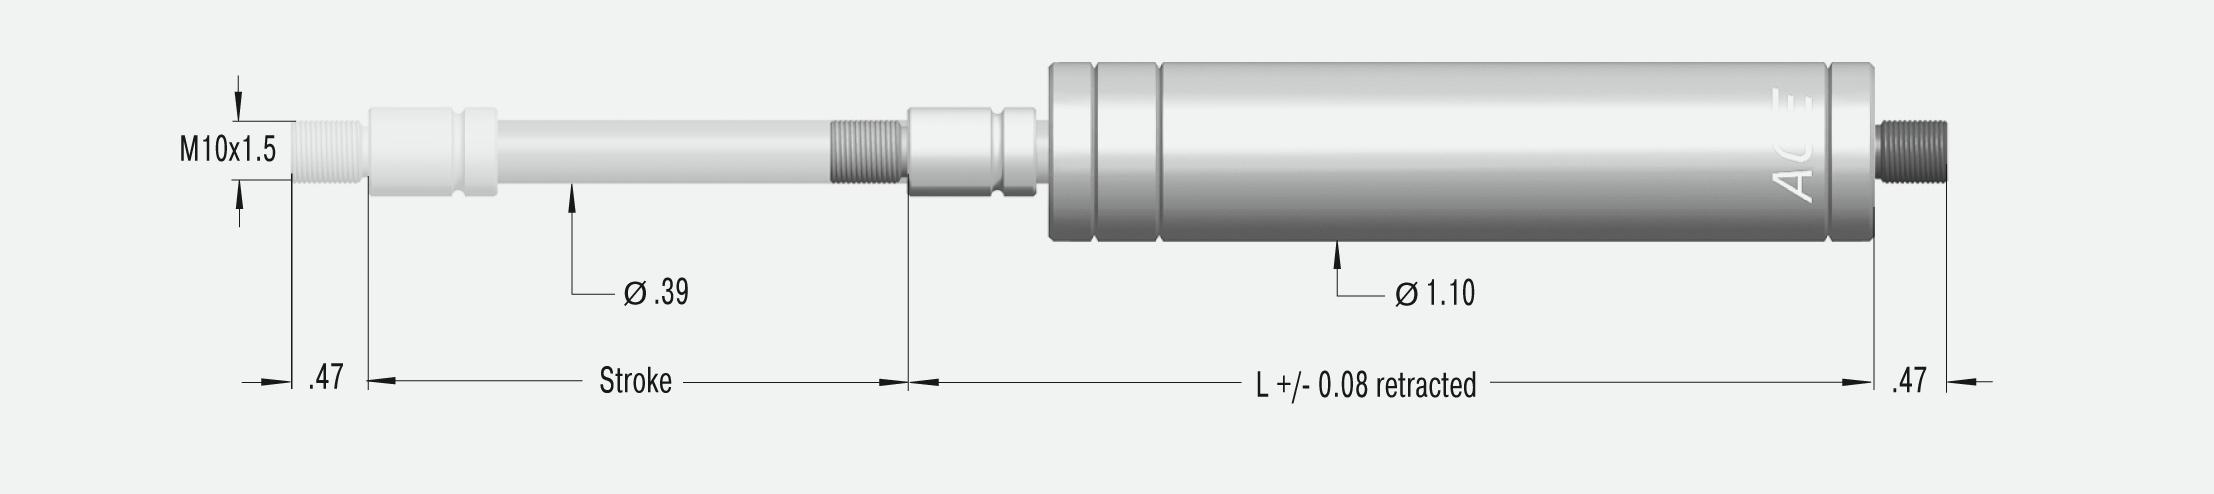 GZ-28-100-VA